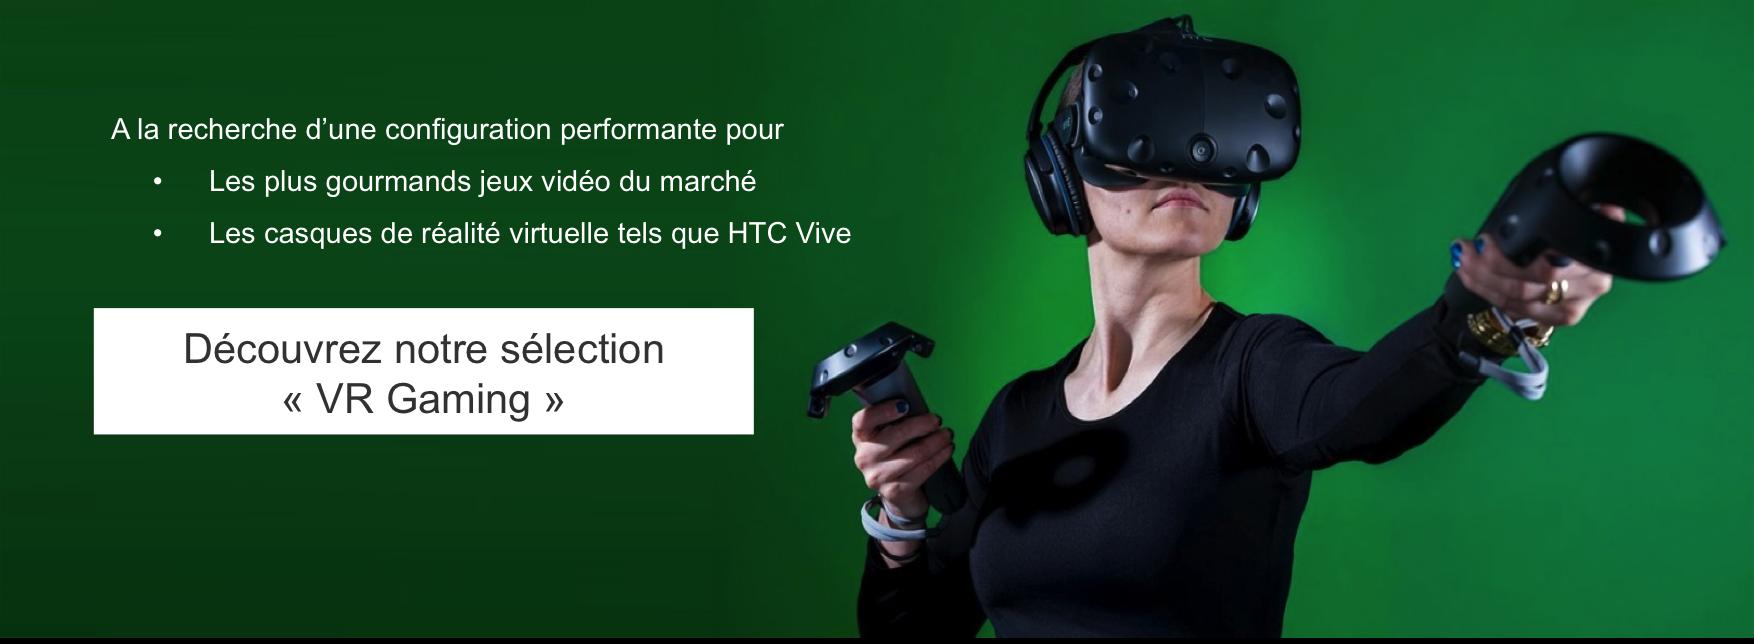 Notre sélection de machines conçues pour les casques de réalité virtuelle tels que le HTC Vive !